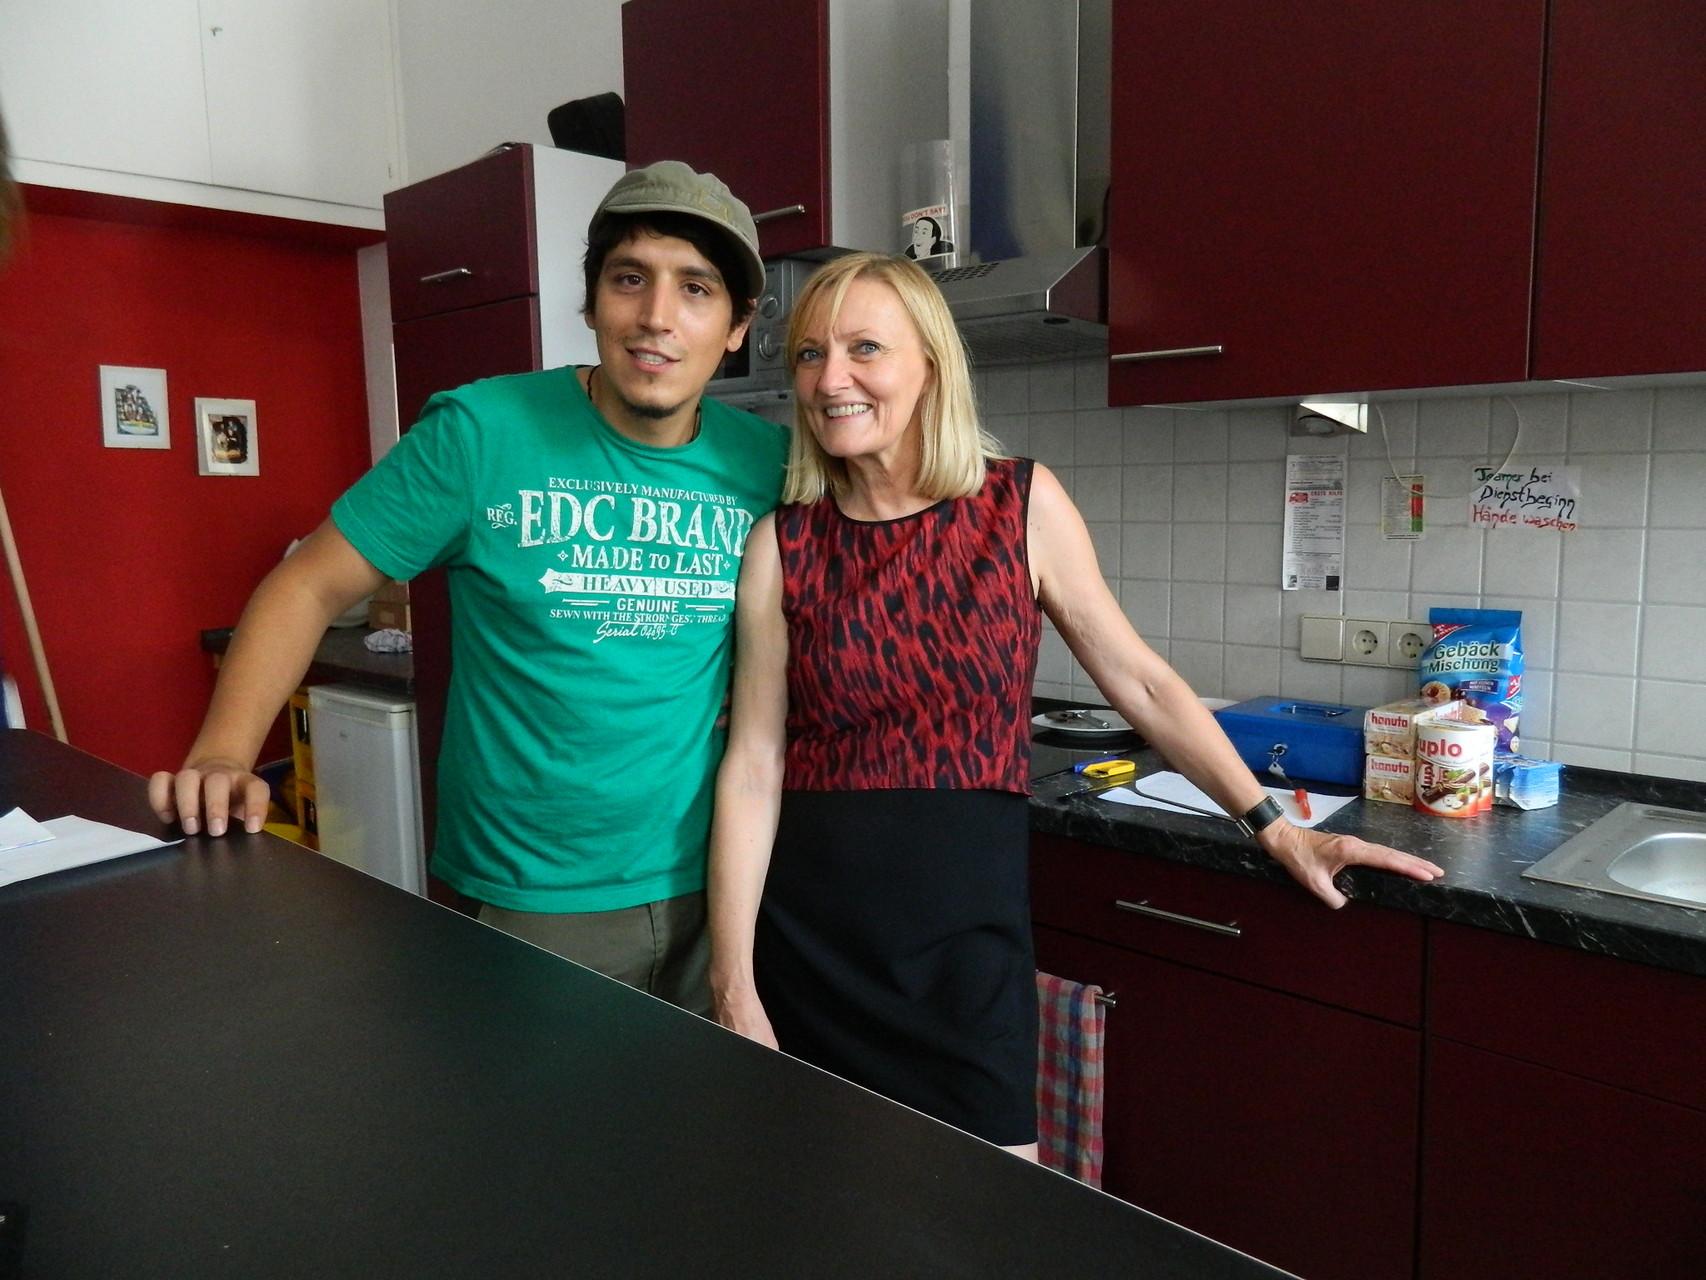 Nick und Susanne, die zwei Jugendsozialarbeiter Oppenaus :)